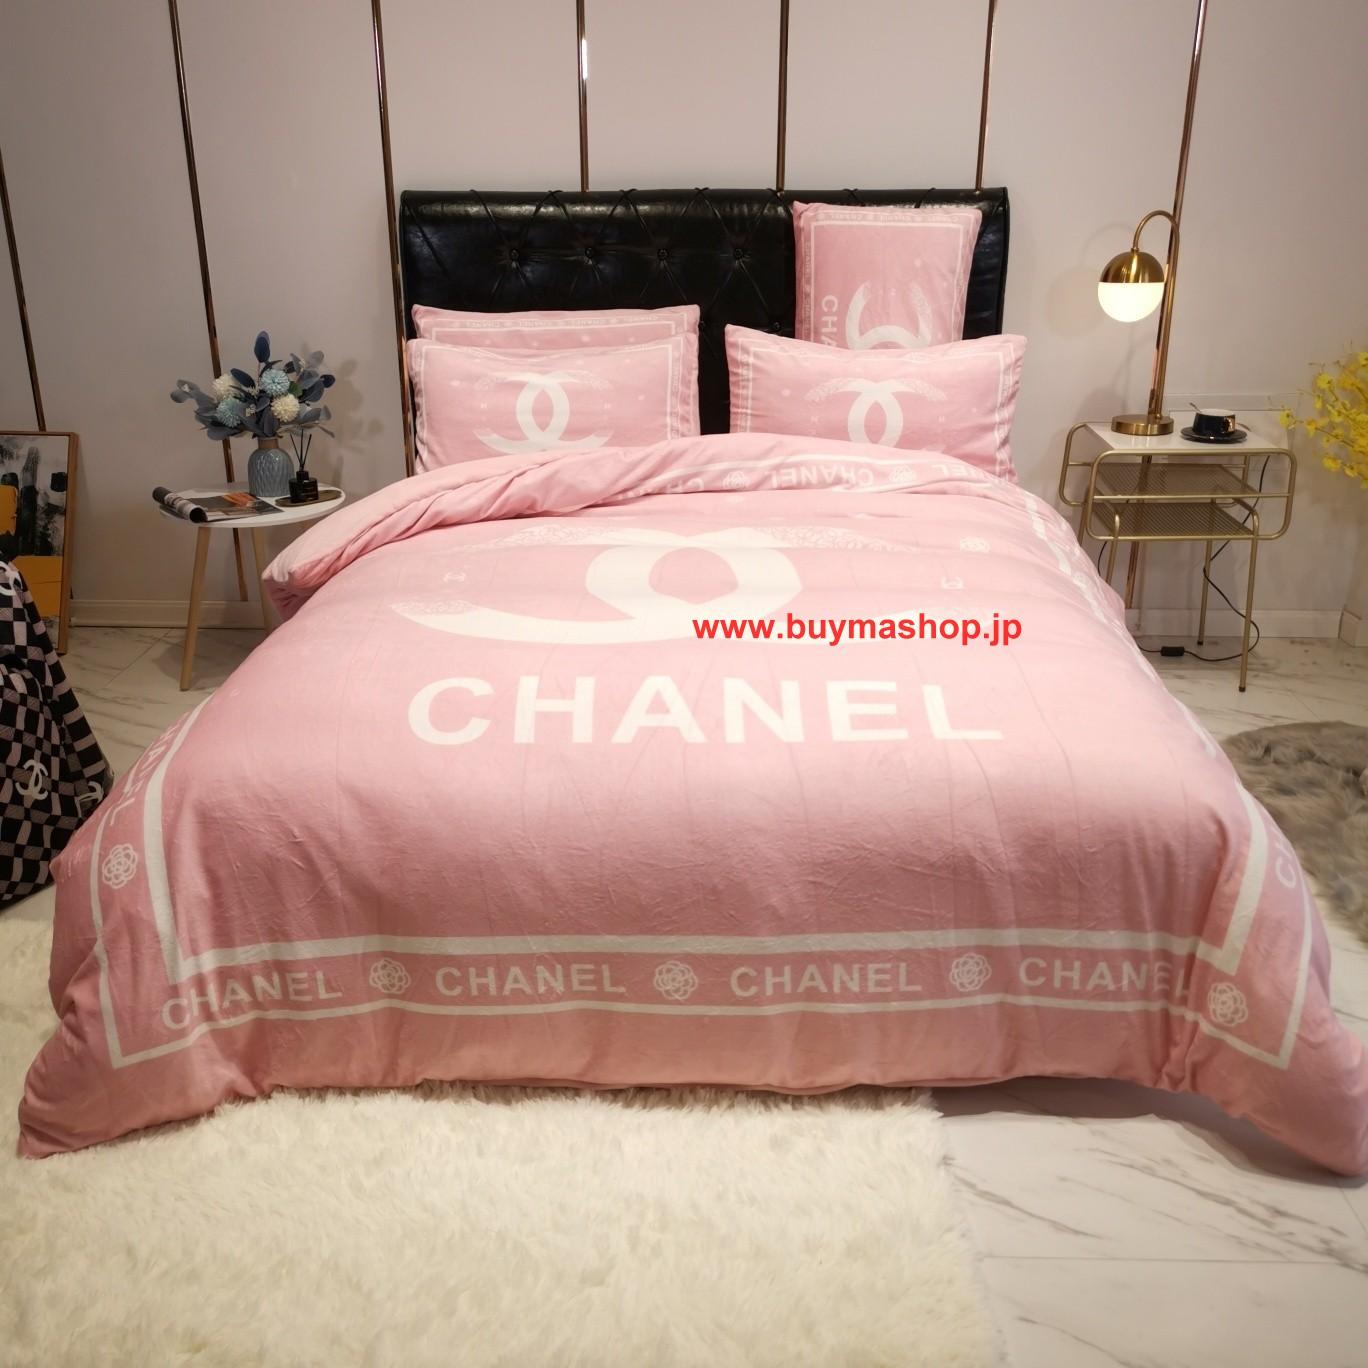 秋冬绒品Chanel シャネル寝具 ブランド 寝具 シーツ ボックス 可愛い 寝具 布団 オーダー メイド ニッセン ボックス シーツ 高級でおしゃれなブランド寝具布団カバー、ベッドシーツ、枕カバー4点セット